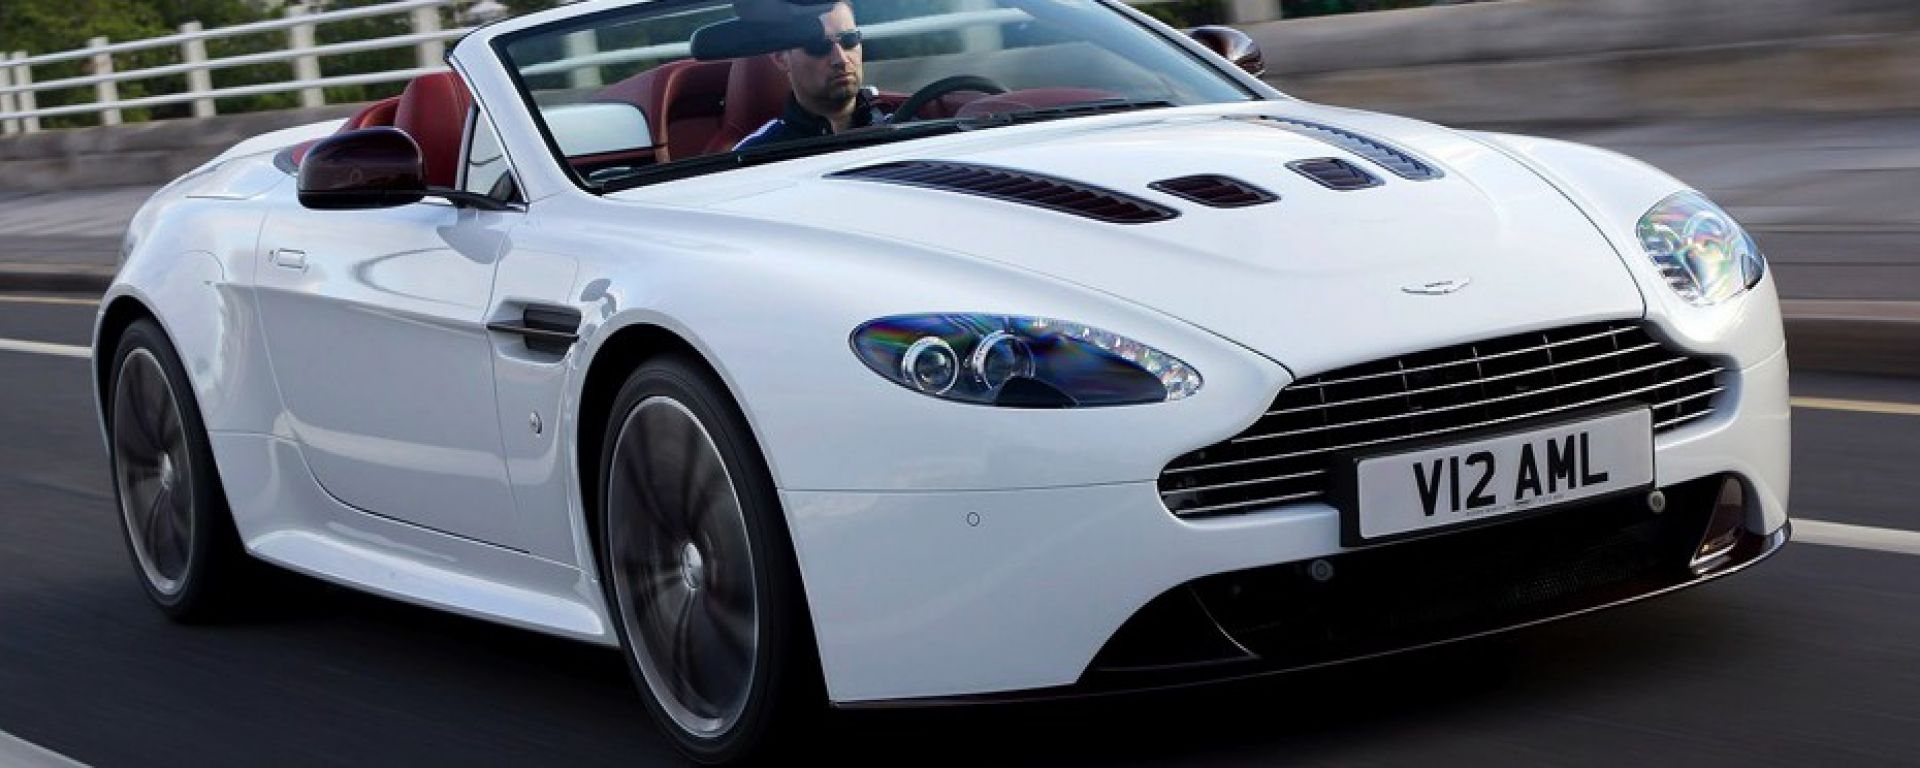 Aston Martin V12 Vantage Roadster, nuove foto e dati